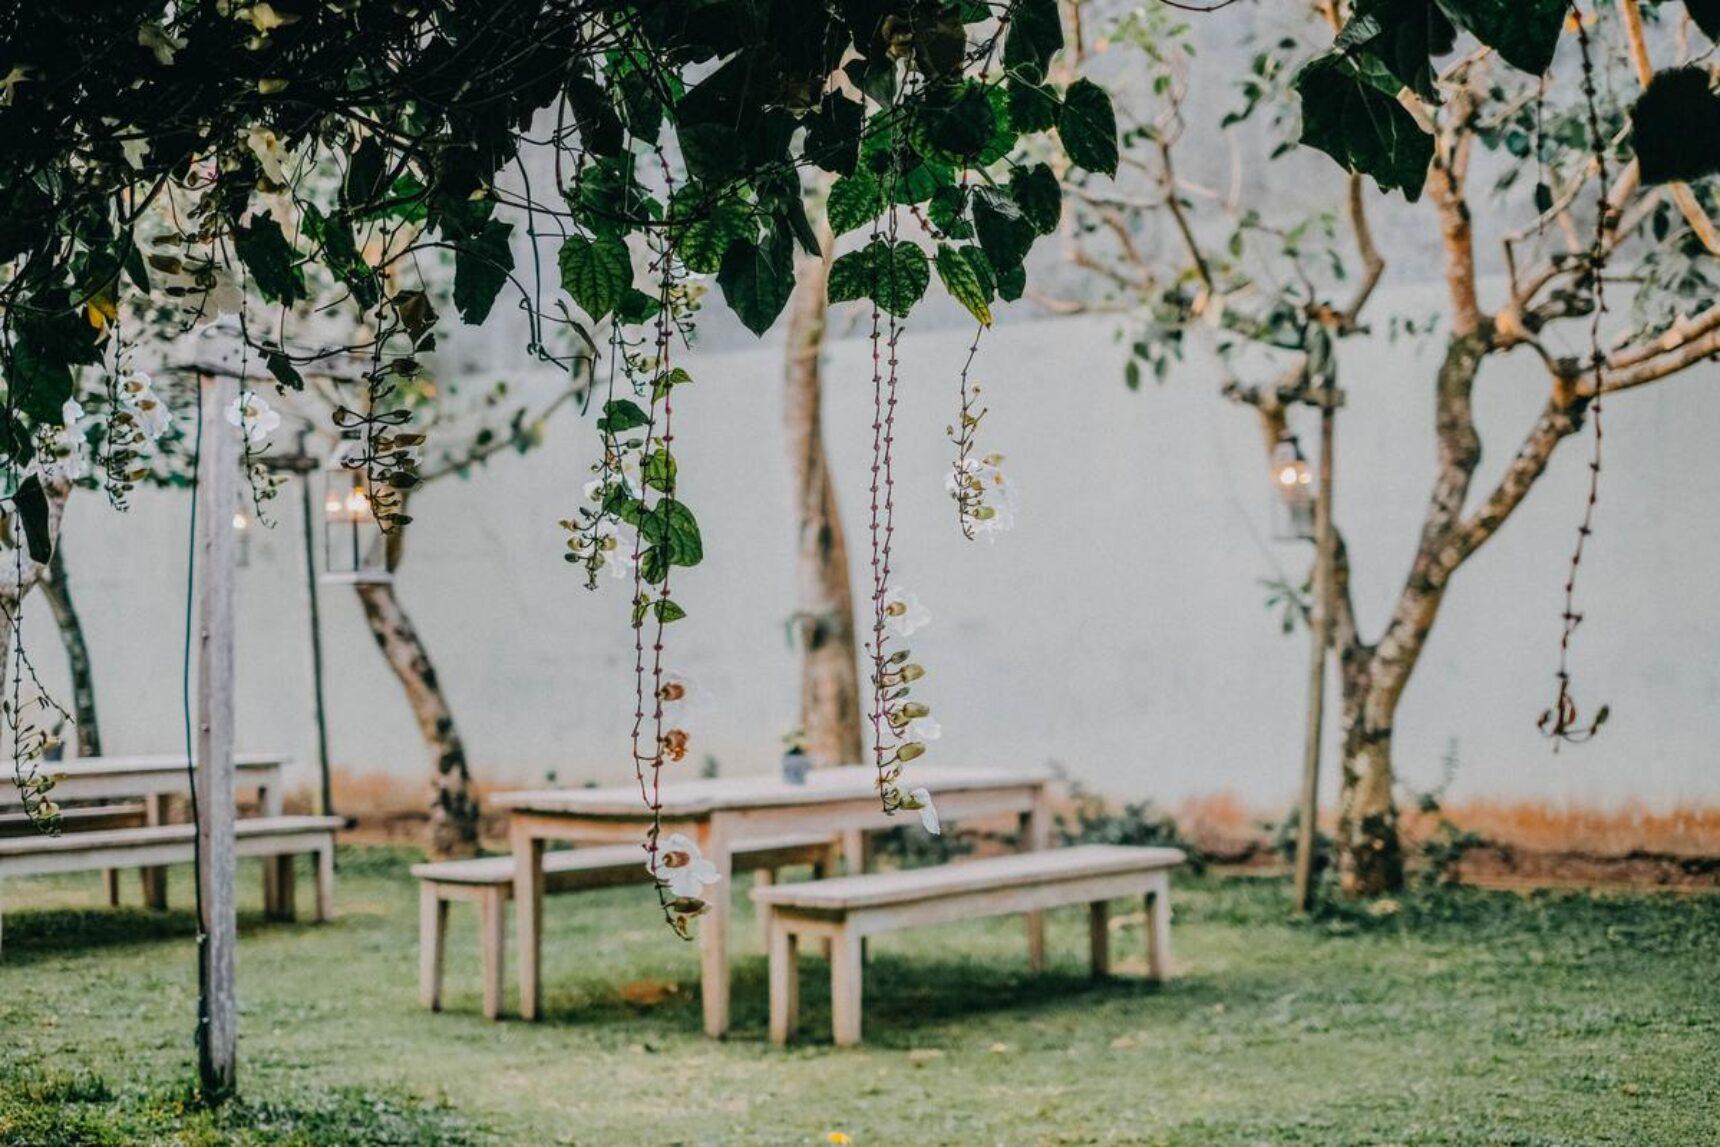 Małe przyjęcie weselne zamiast hucznego wesela? Sprawdź, co zrobić, żeby było wyjątkowe!